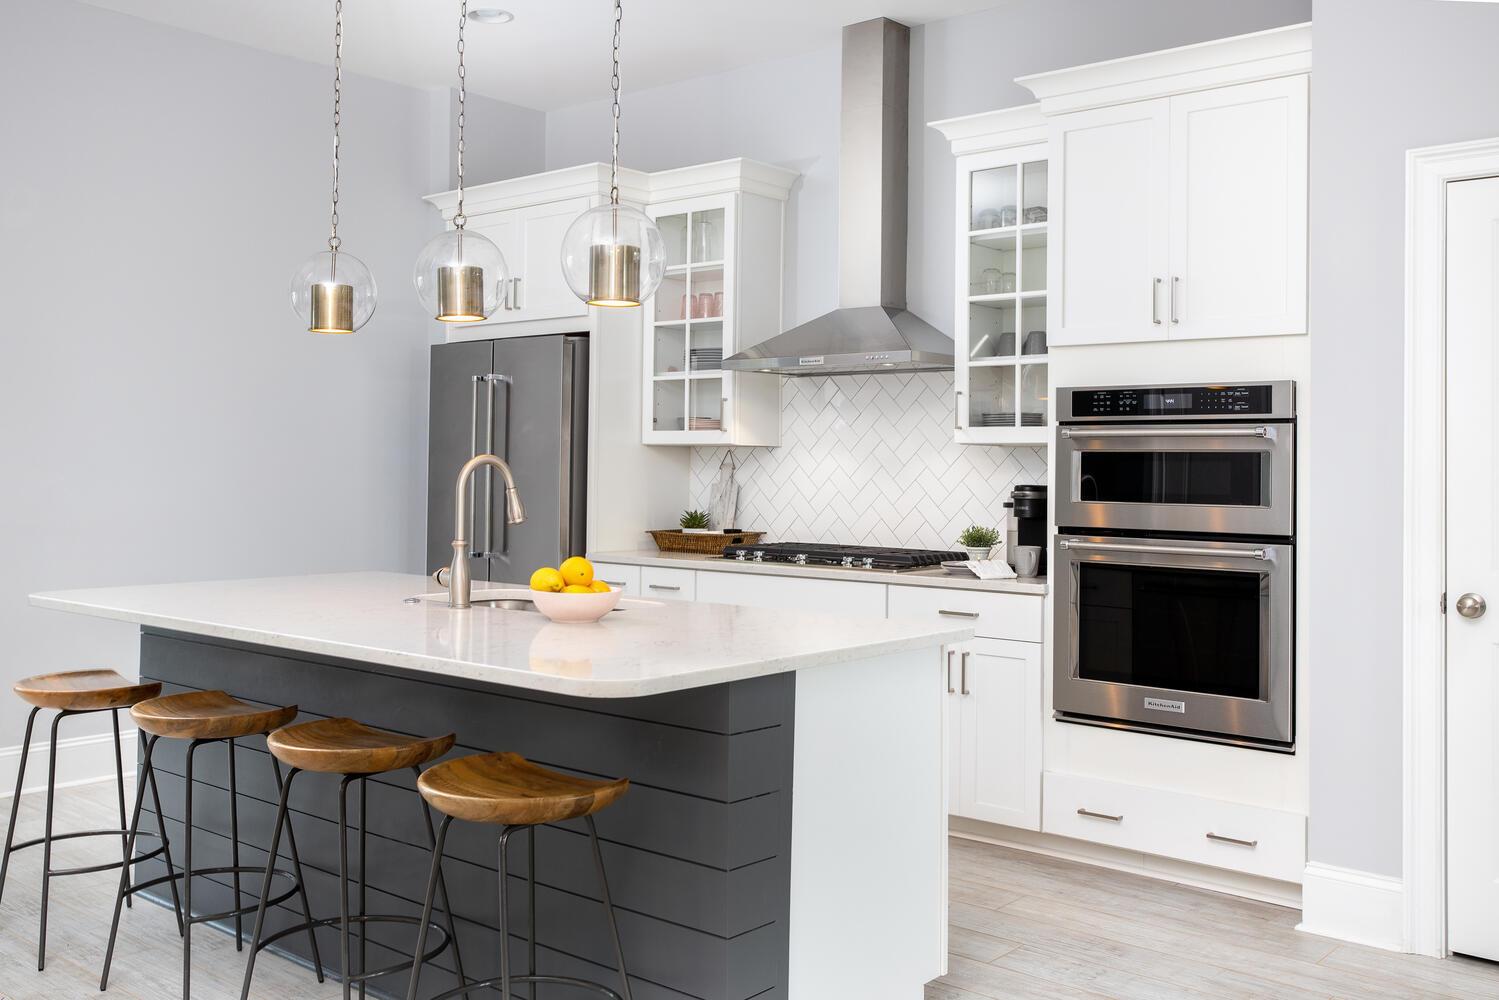 Kings Flats Homes For Sale - 103 Alder, Charleston, SC - 51